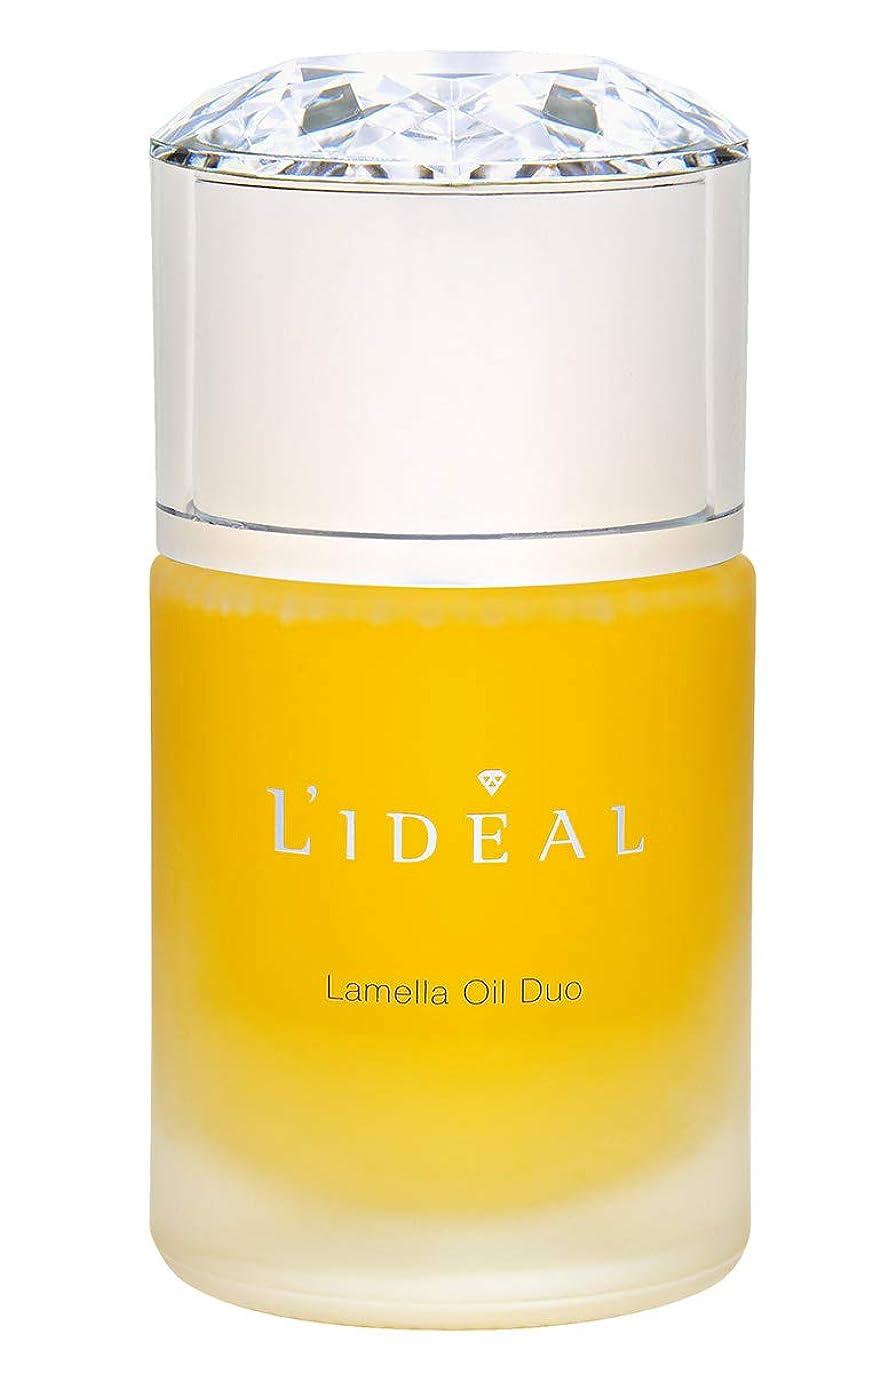 一般化するネズミ手段リディアル (L'ideal) ラメラ オイル デュオ 55ml [並行輸入品]